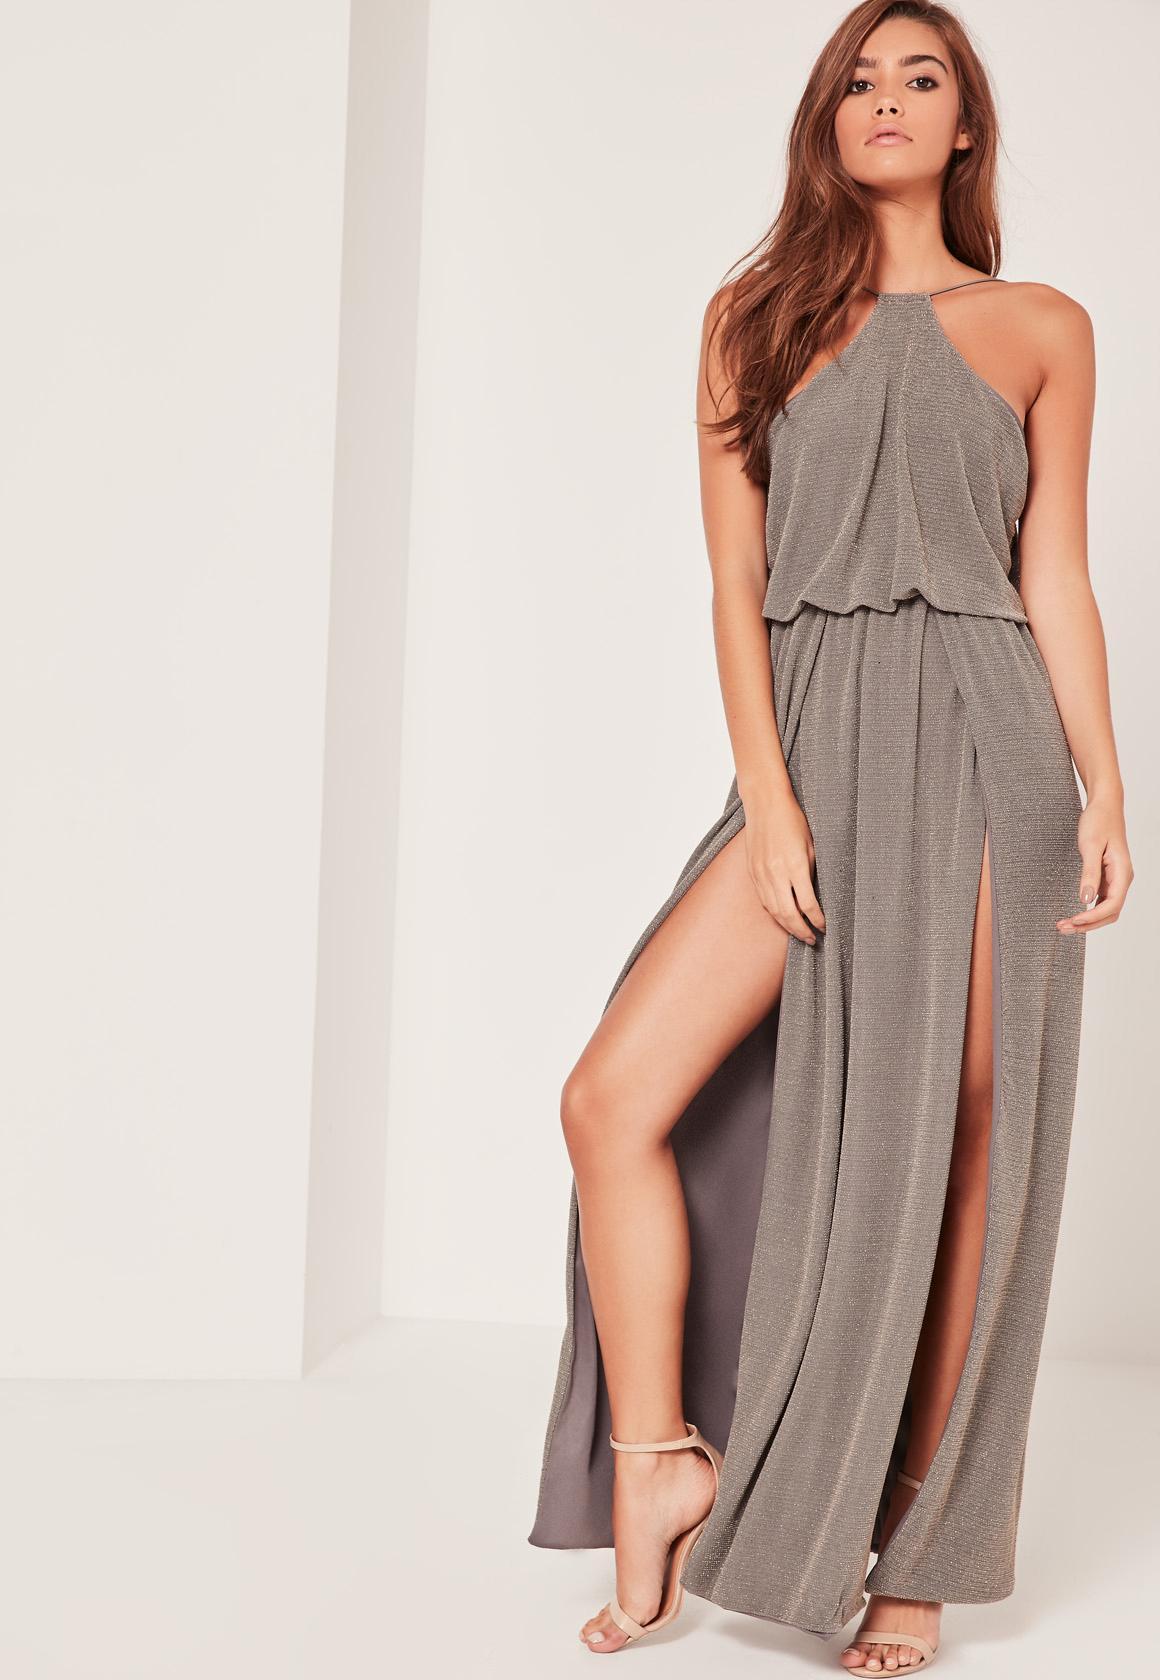 Jerseykleid lang mit schlitz - Stylische Kleider für jeden tag